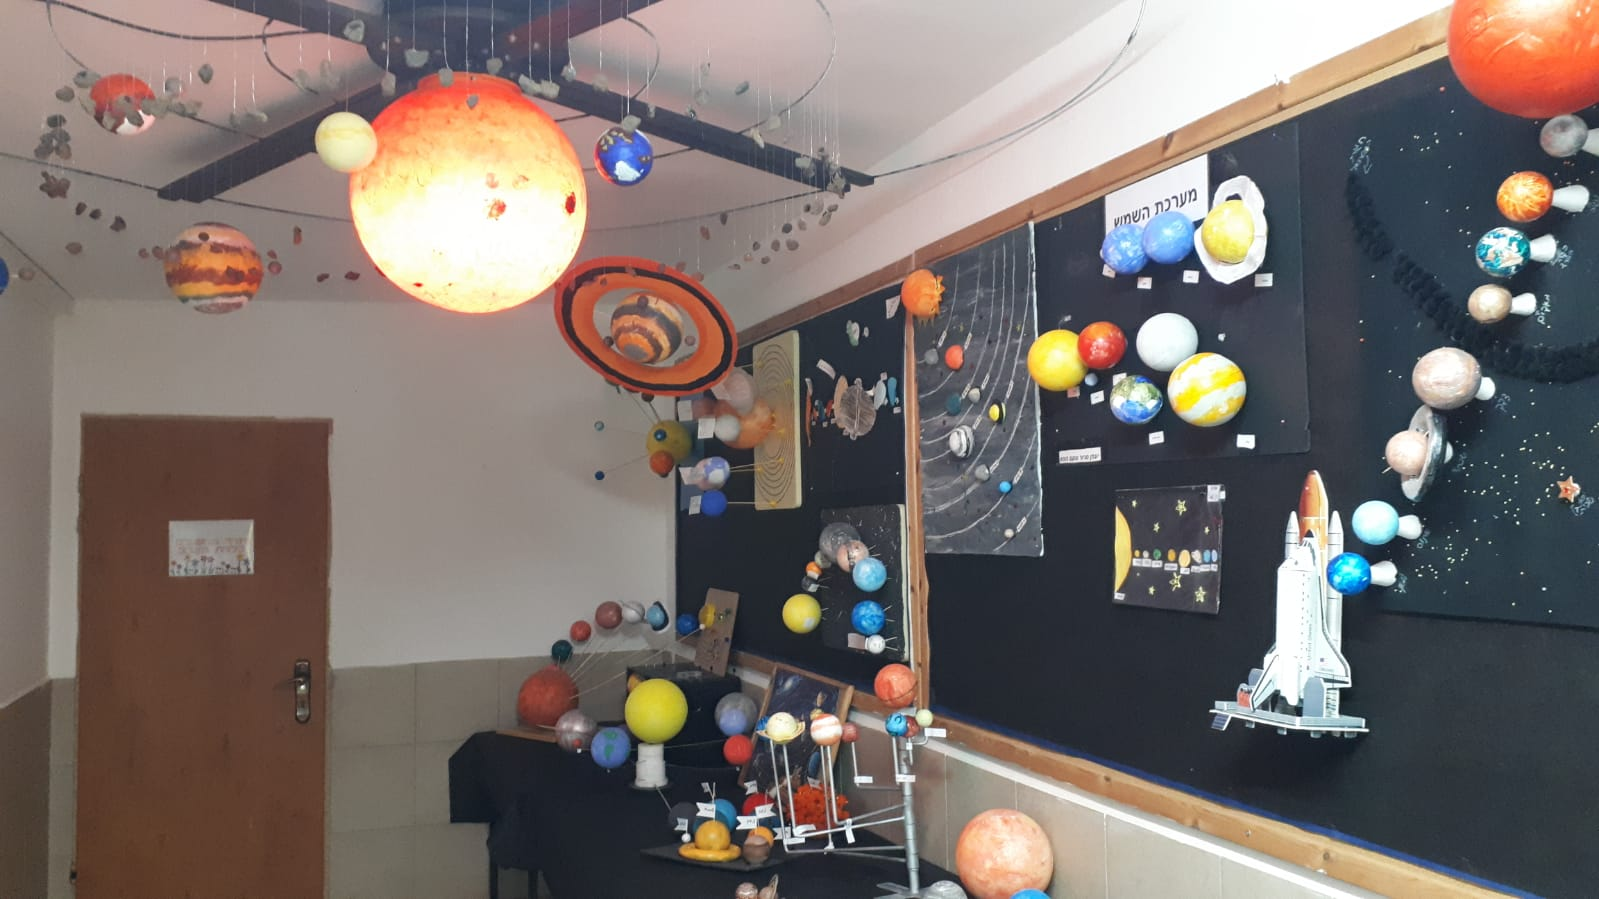 האסטרונומים הצעירים – גאווה במערכת החינוך של הצפון